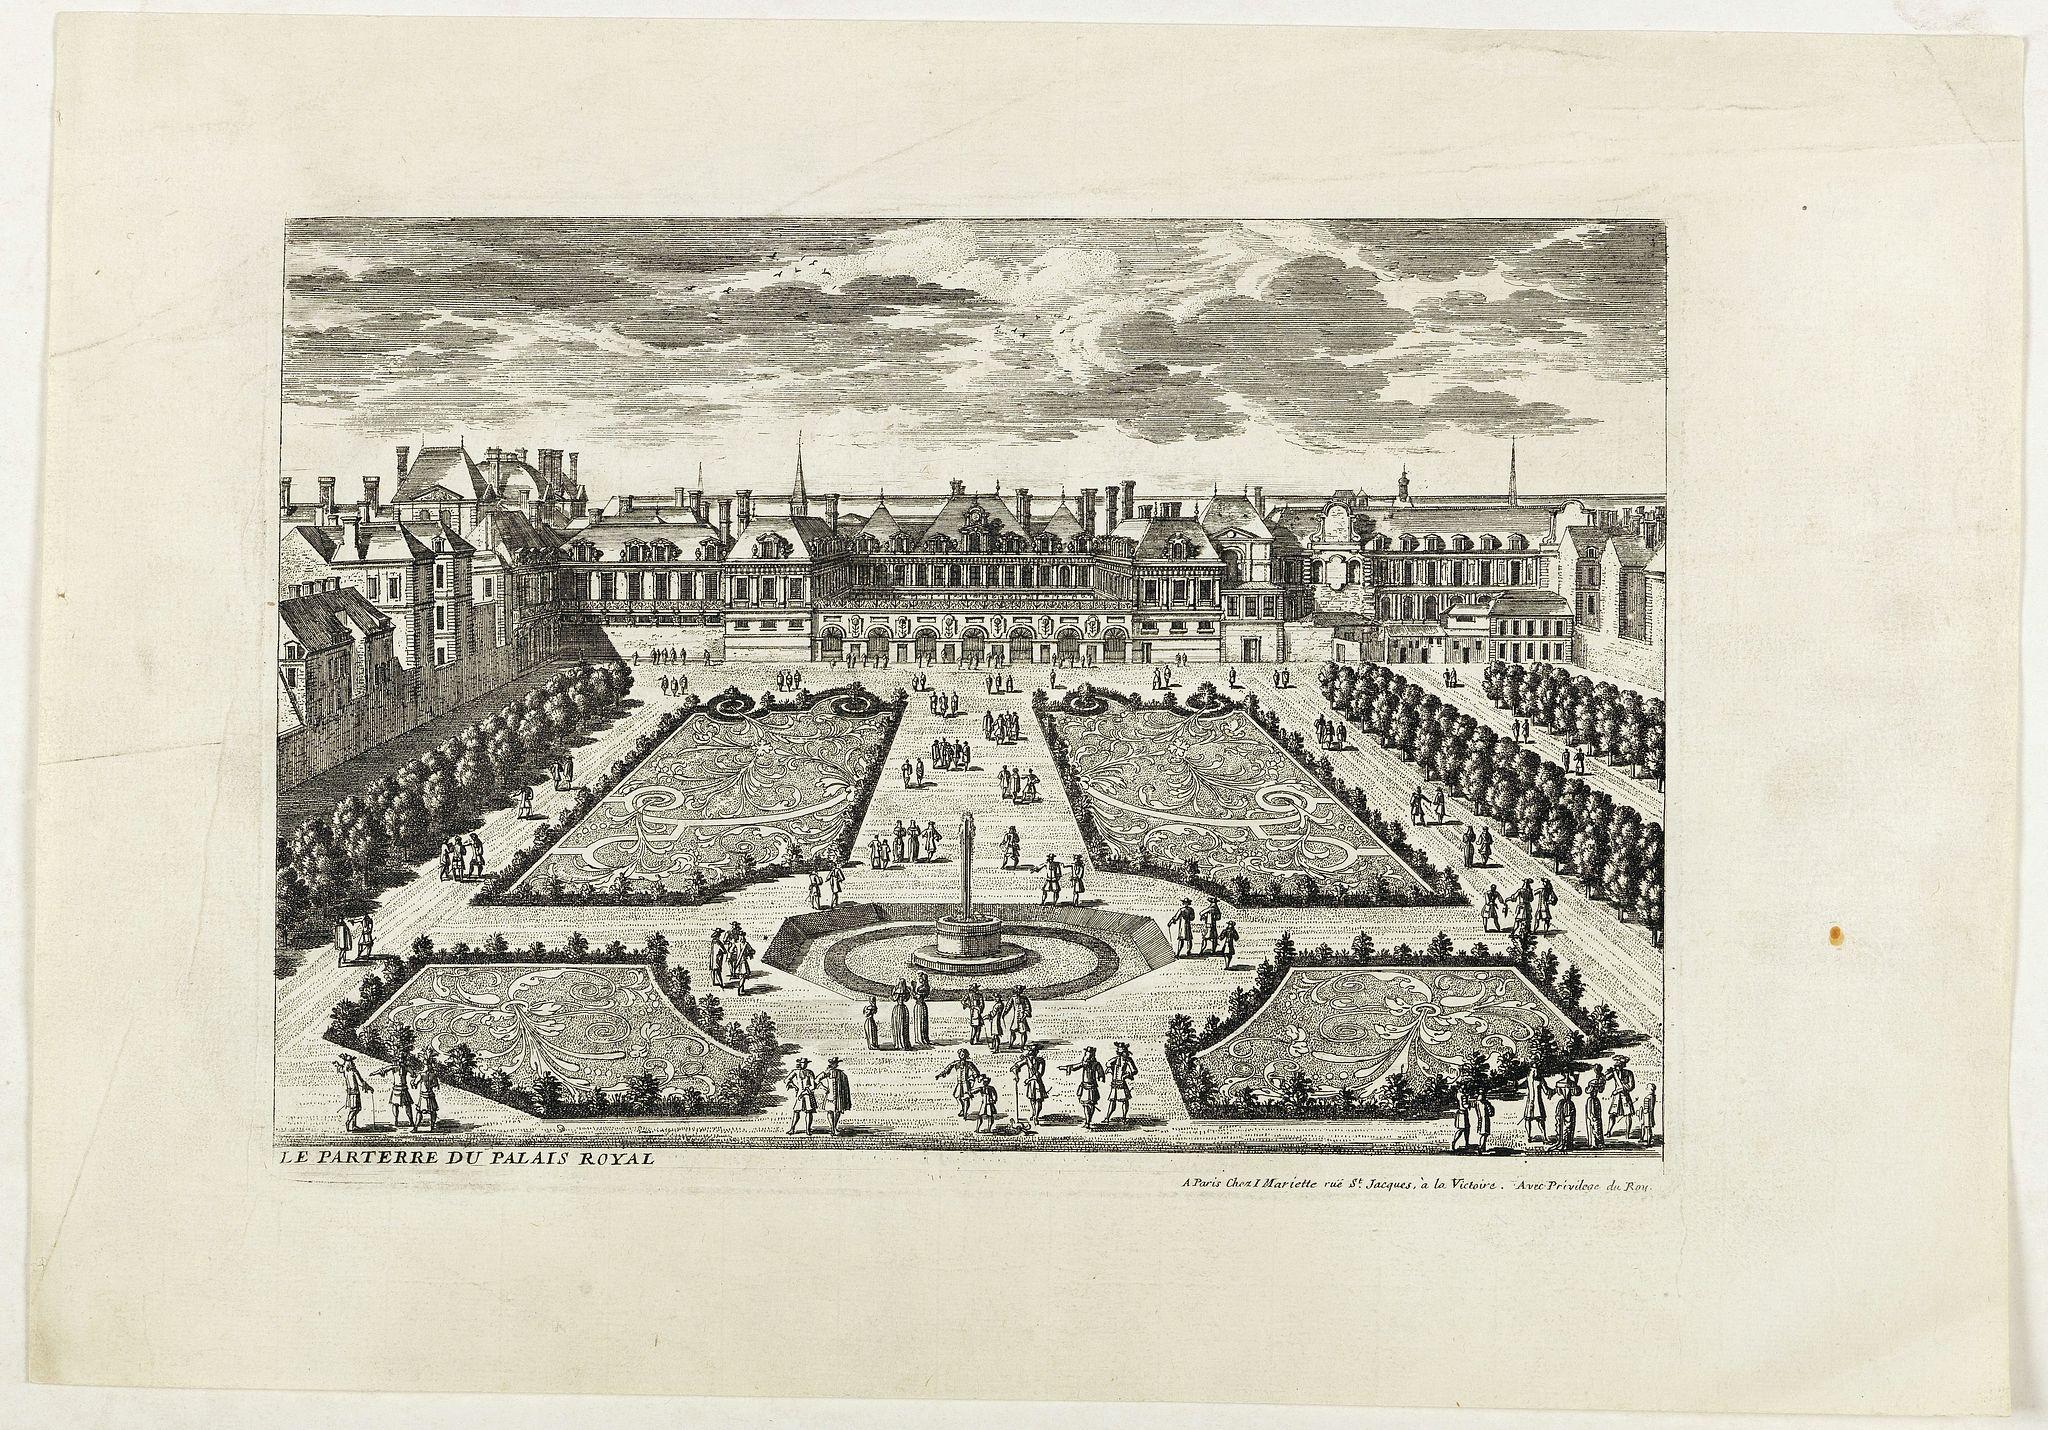 PERELLE, G. -  Le Parterre du Palais Royal.